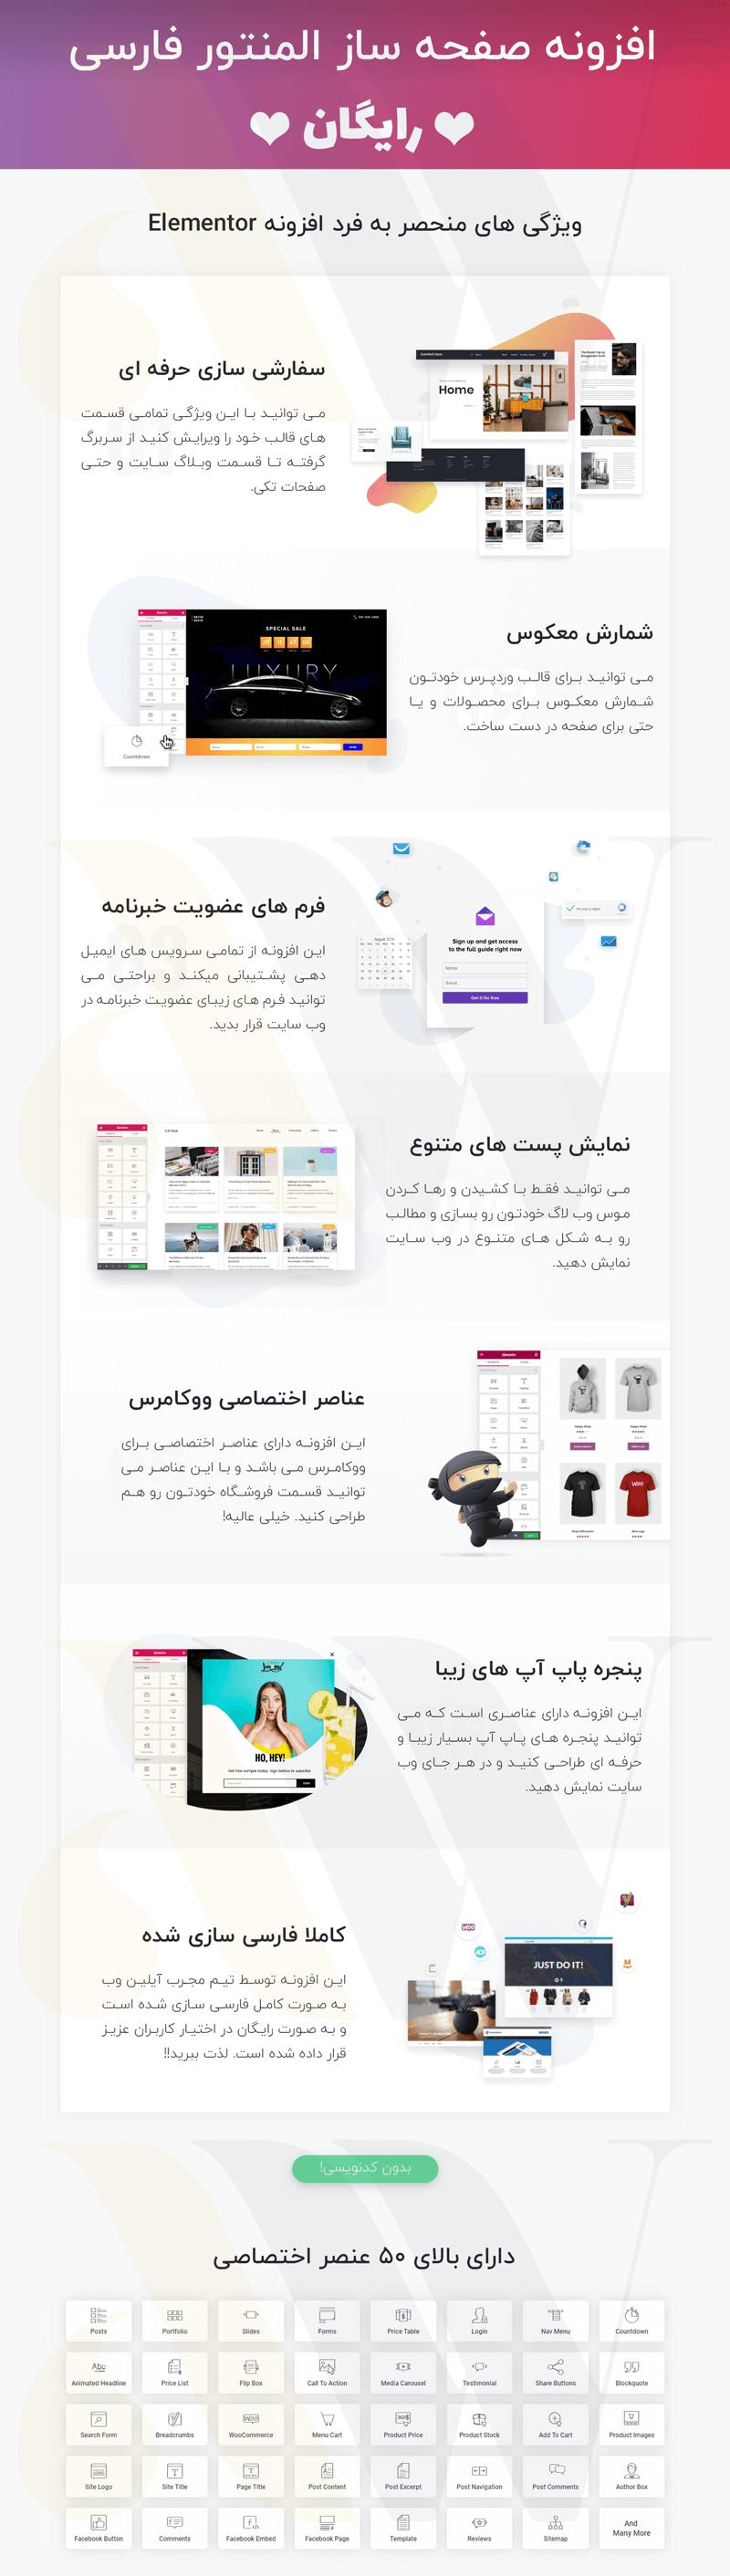 دانلود 100% رایگان افزونه المنتور Elementor فارسی + (بروزرسانی)